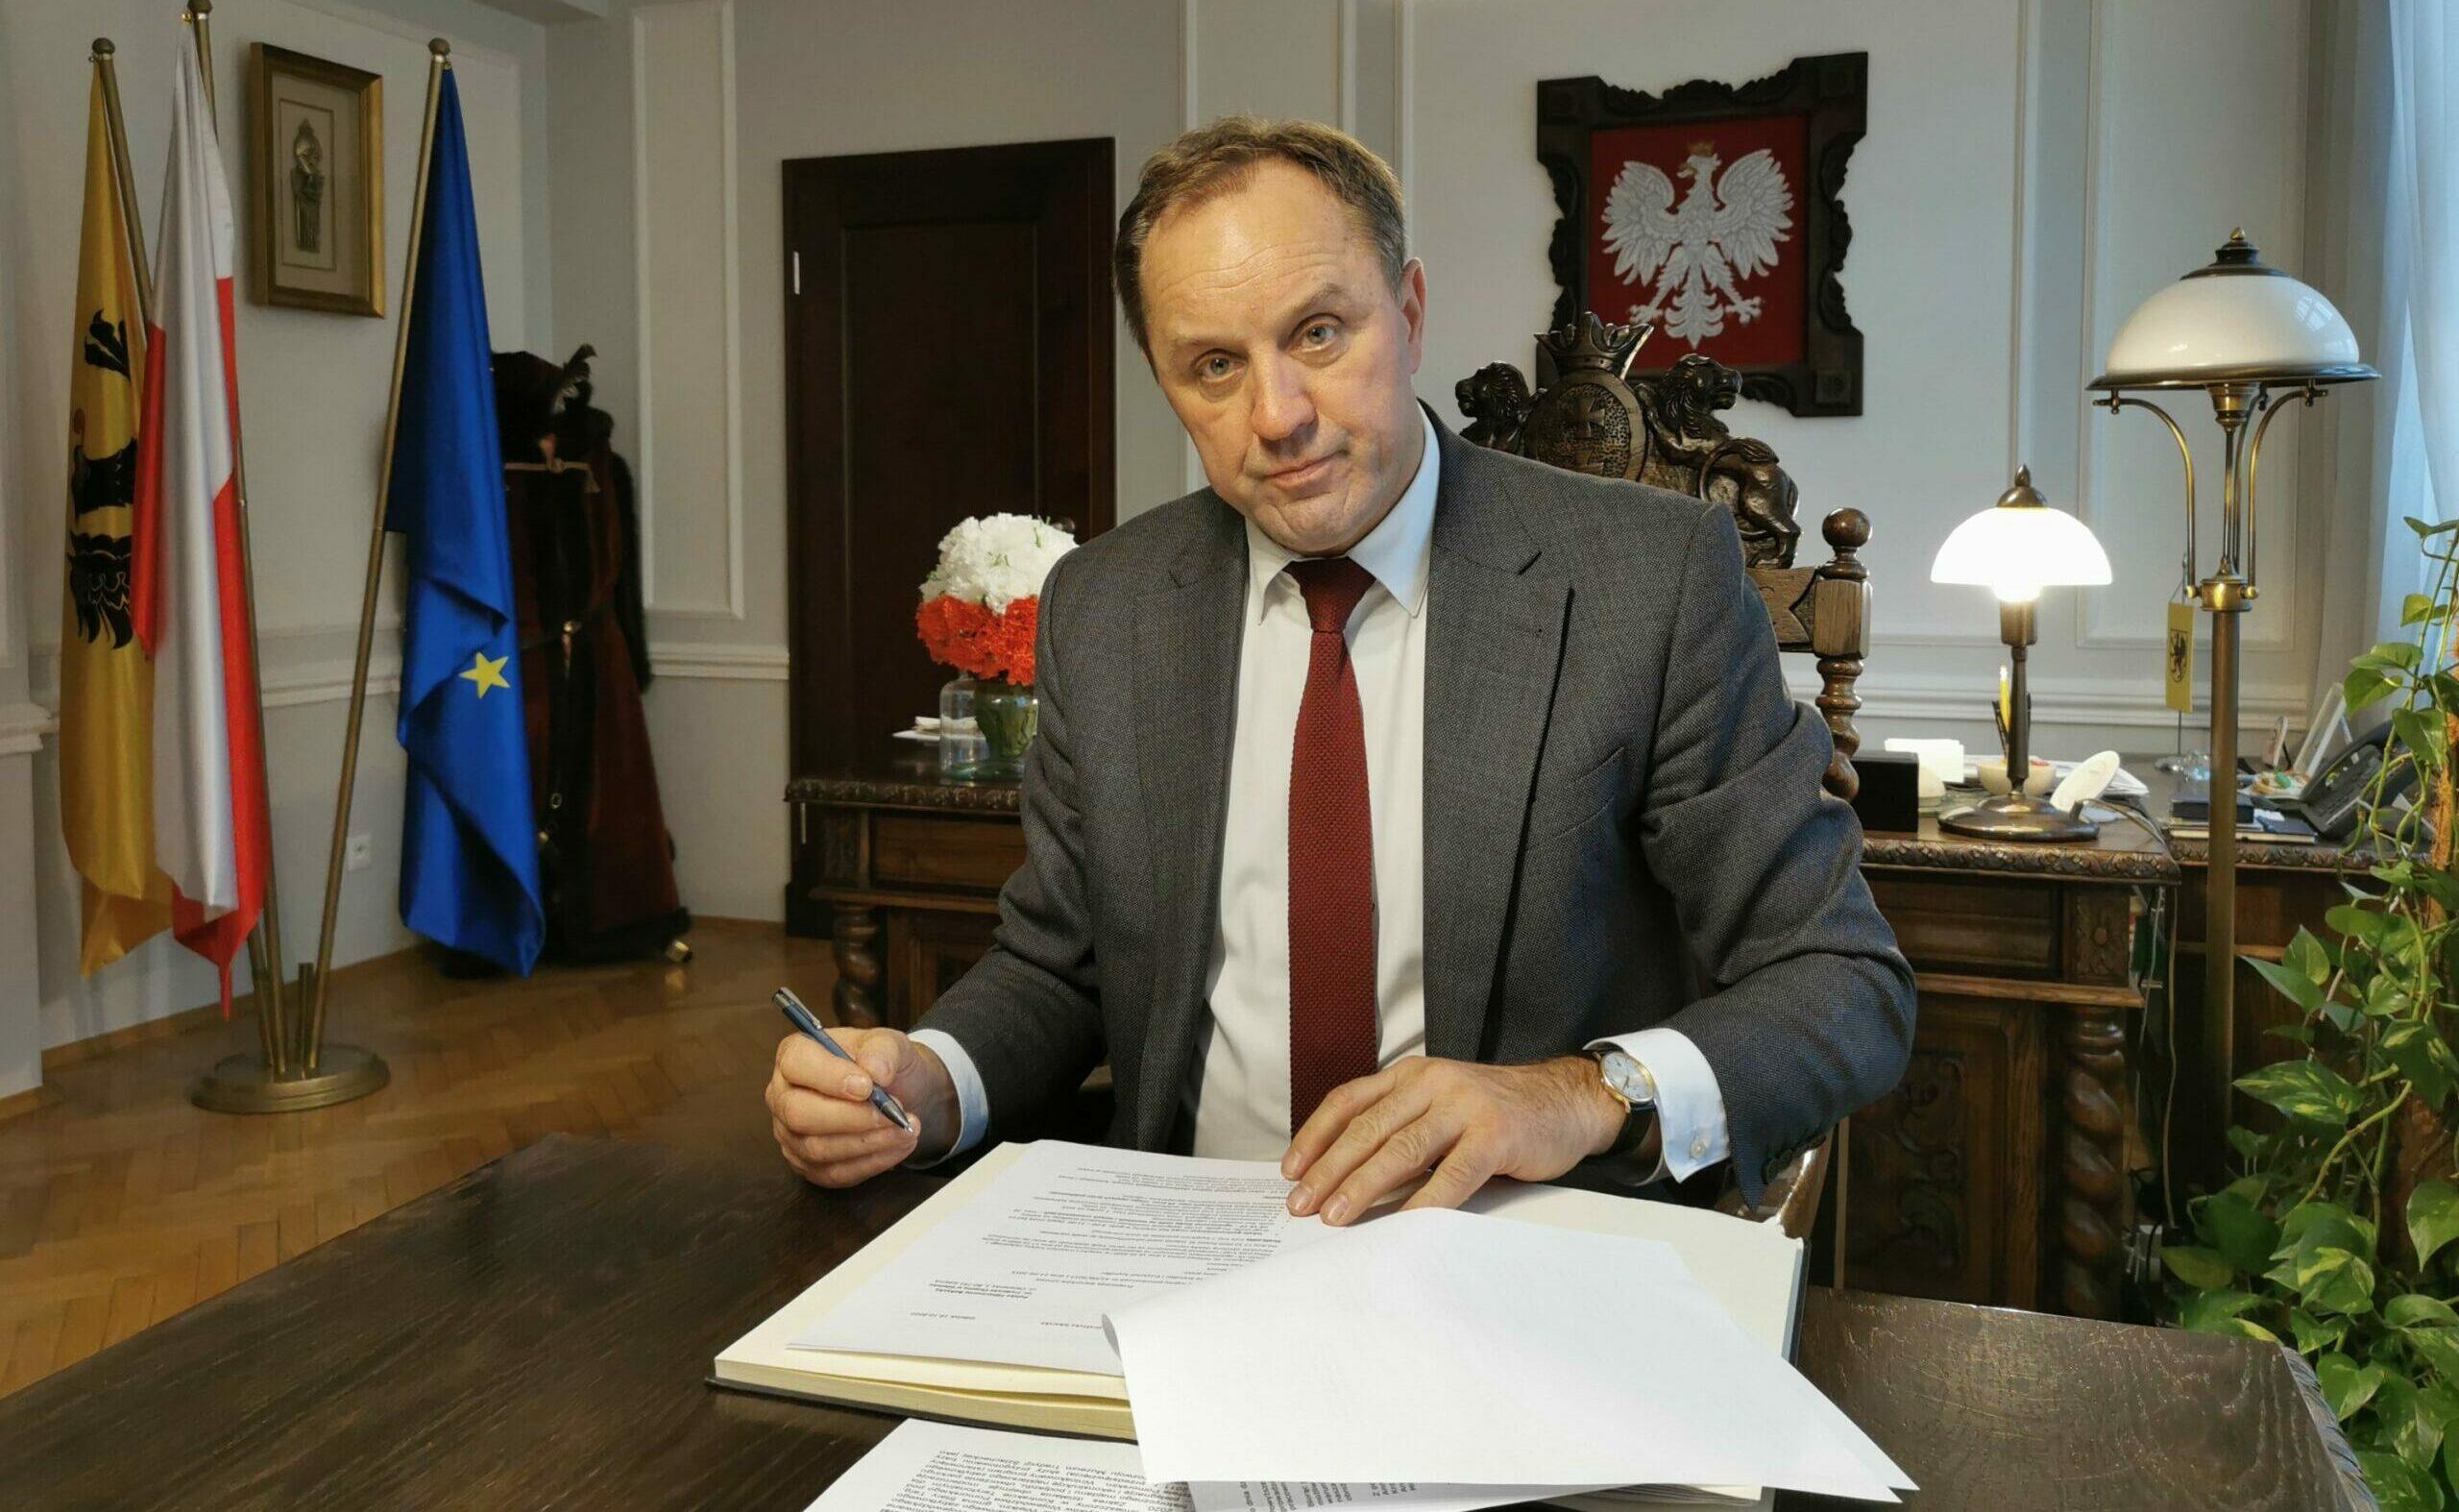 Dzięki unijnej dotacji w Słupsku powstanie Sieć Oparcia Społecznego